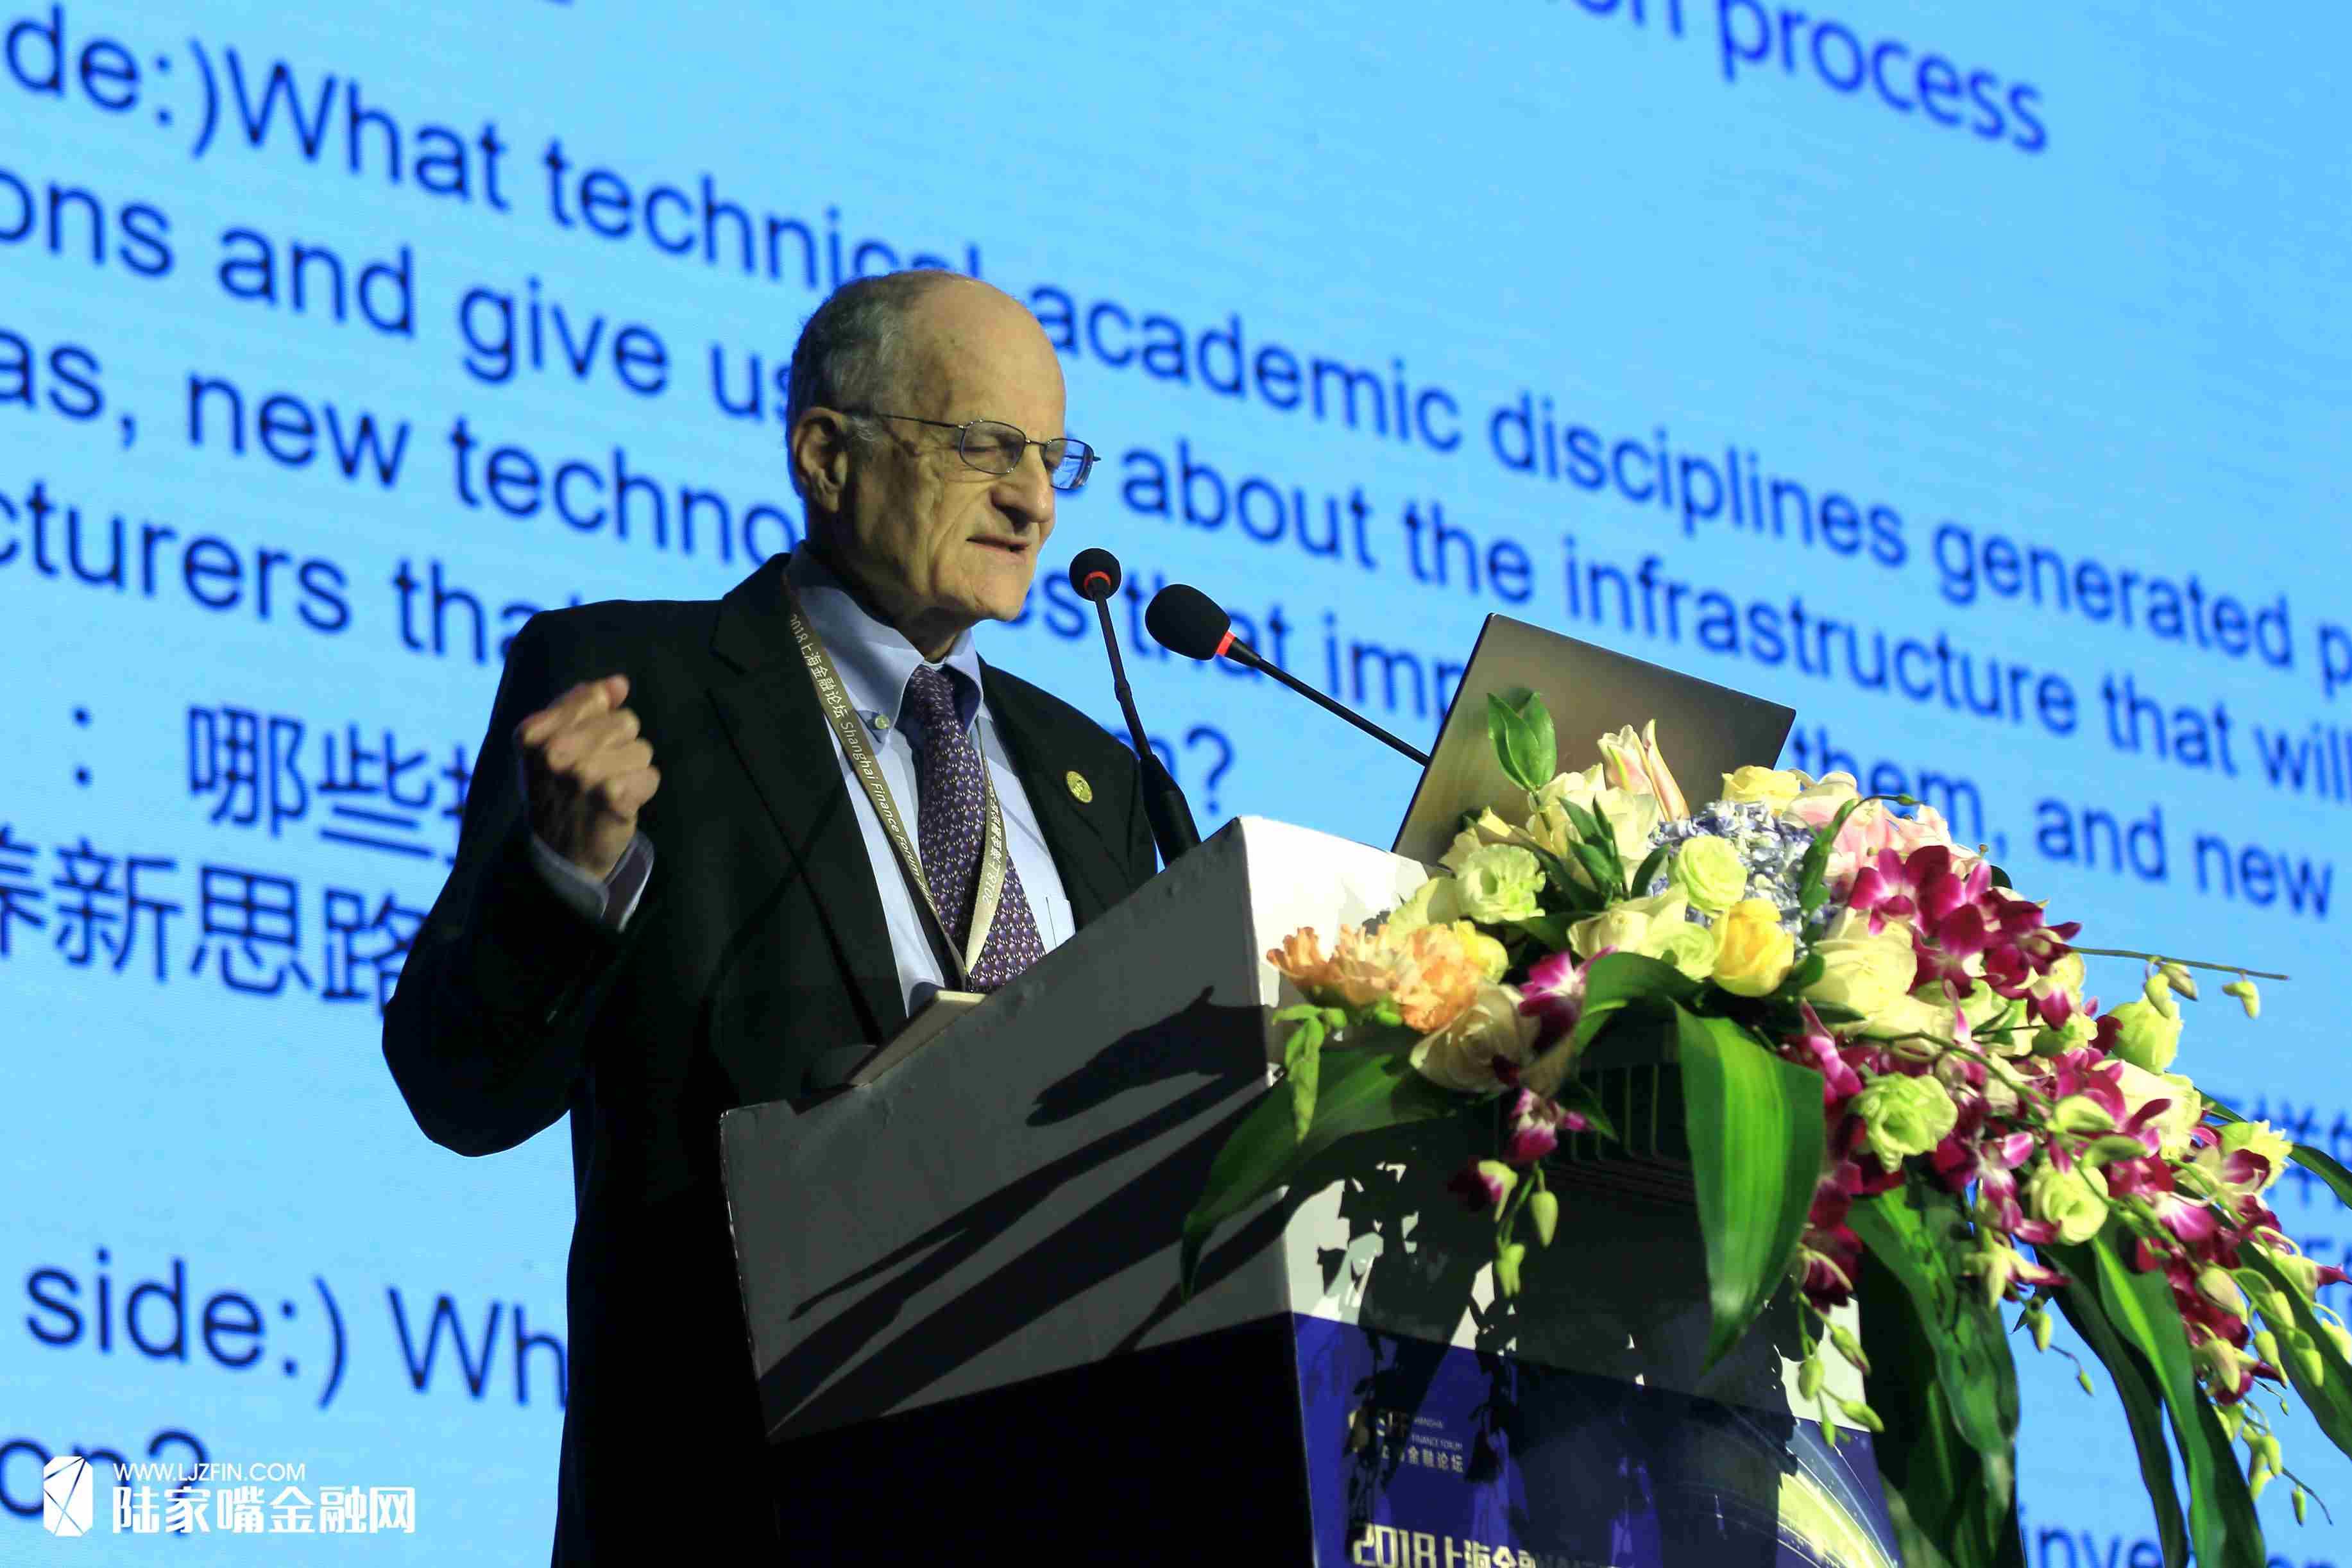 哪些活动推动了发明创新?诺贝尔经济学奖得主:贸易与战争